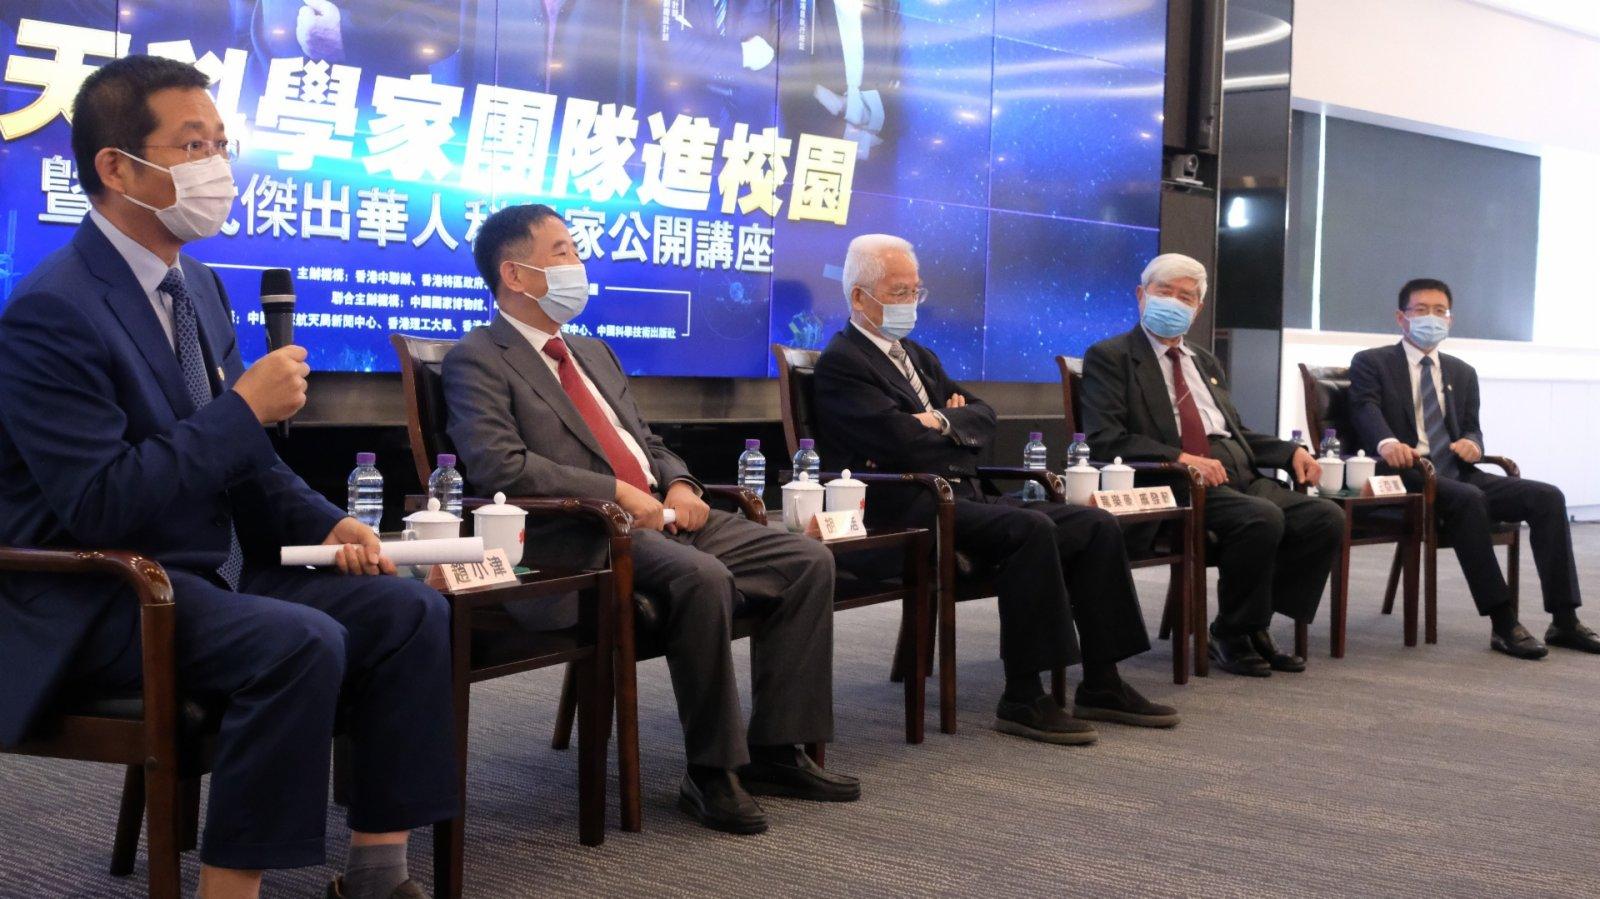 胡浩:在科研方面港方有鑽研精神 後期將續合作